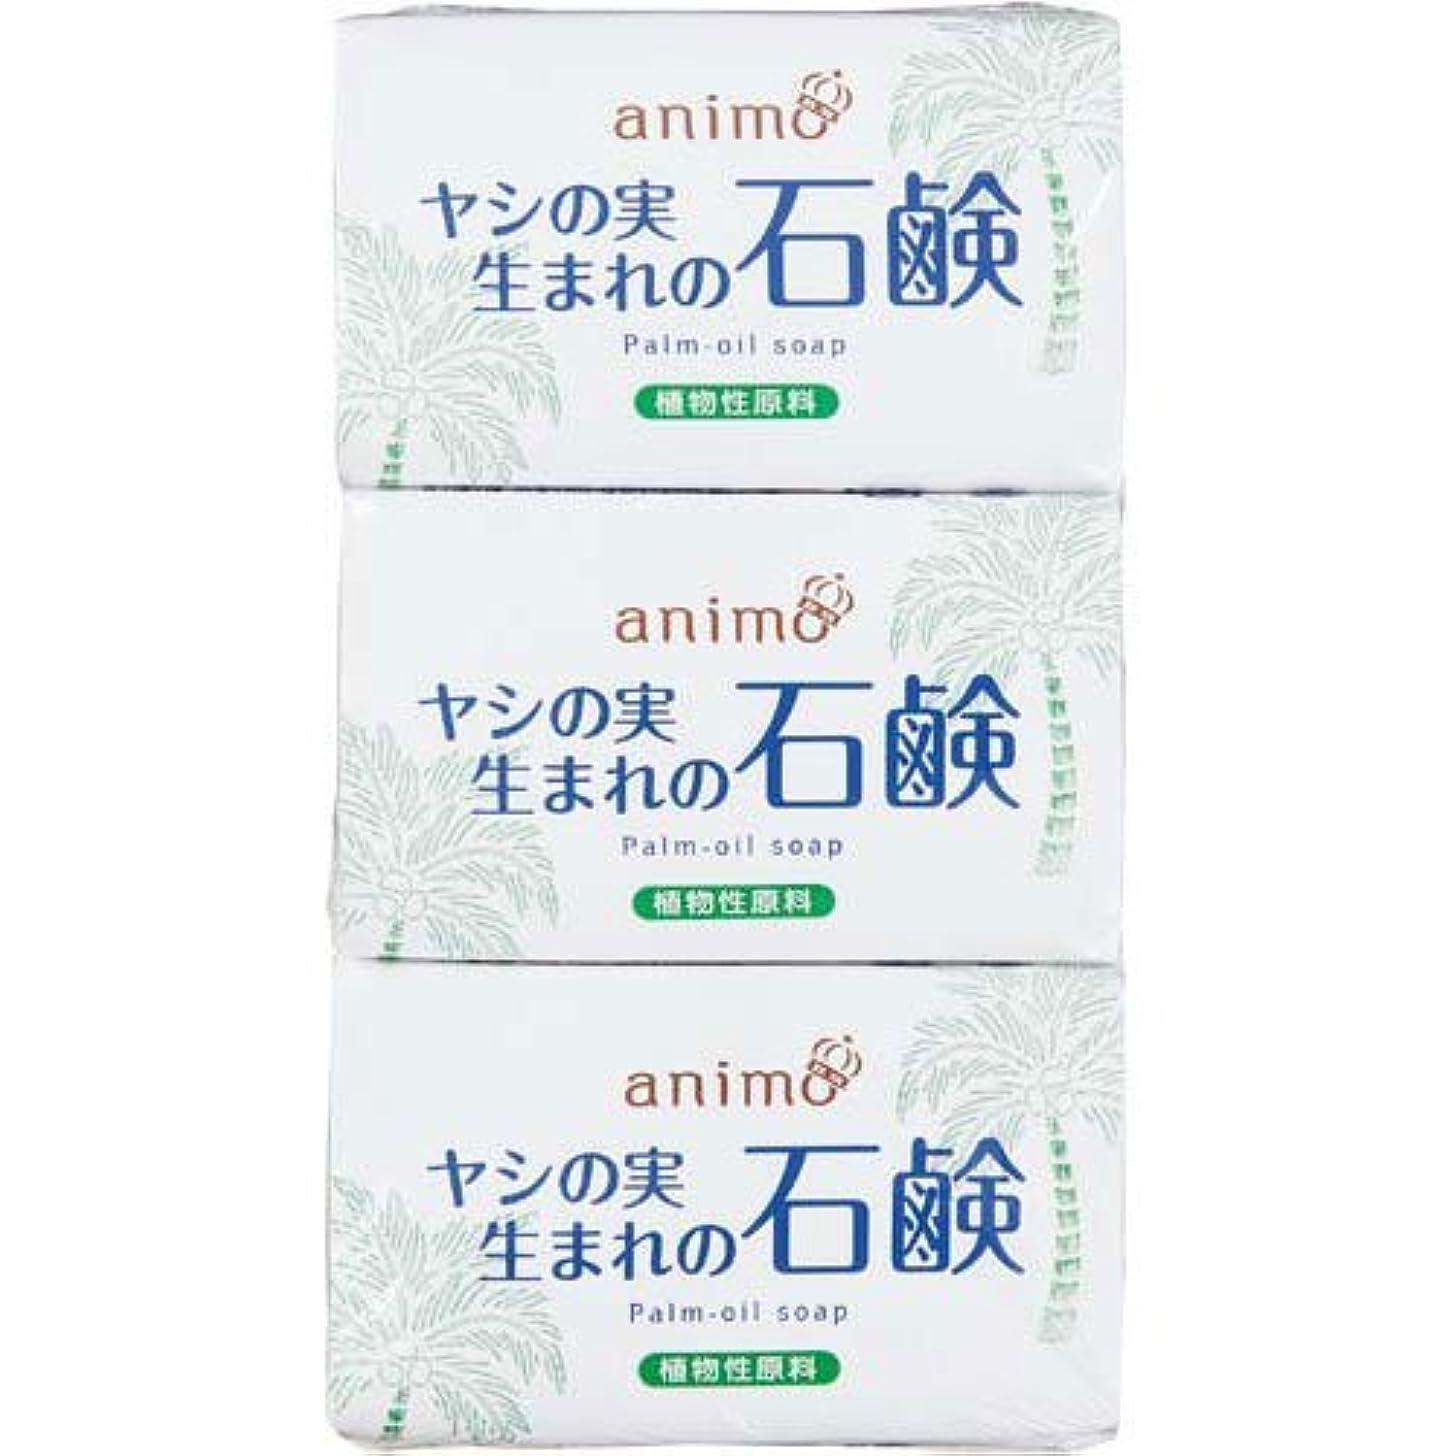 赤字バルクモルヒネロケット石鹸 ヤシの実石鹸 80g×3個×10パック